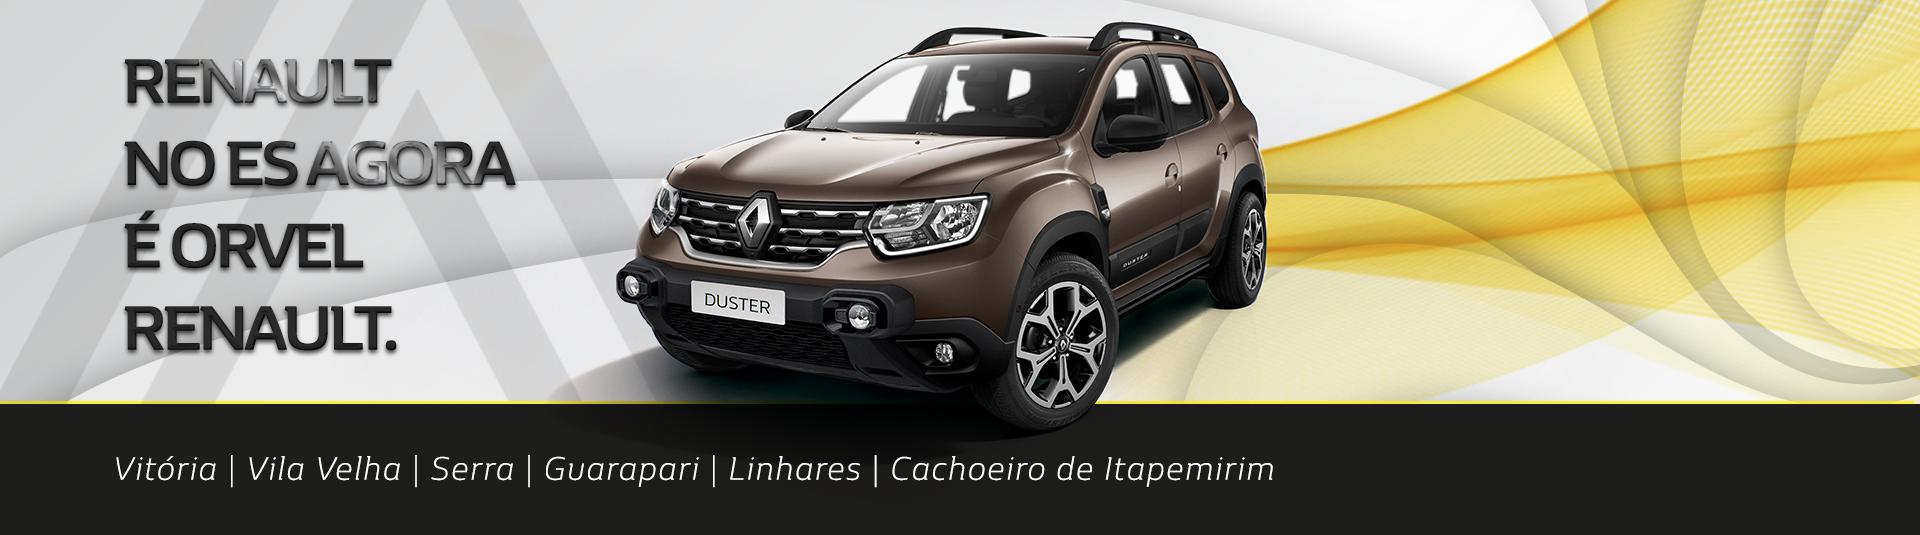 Renault agora é Orvel